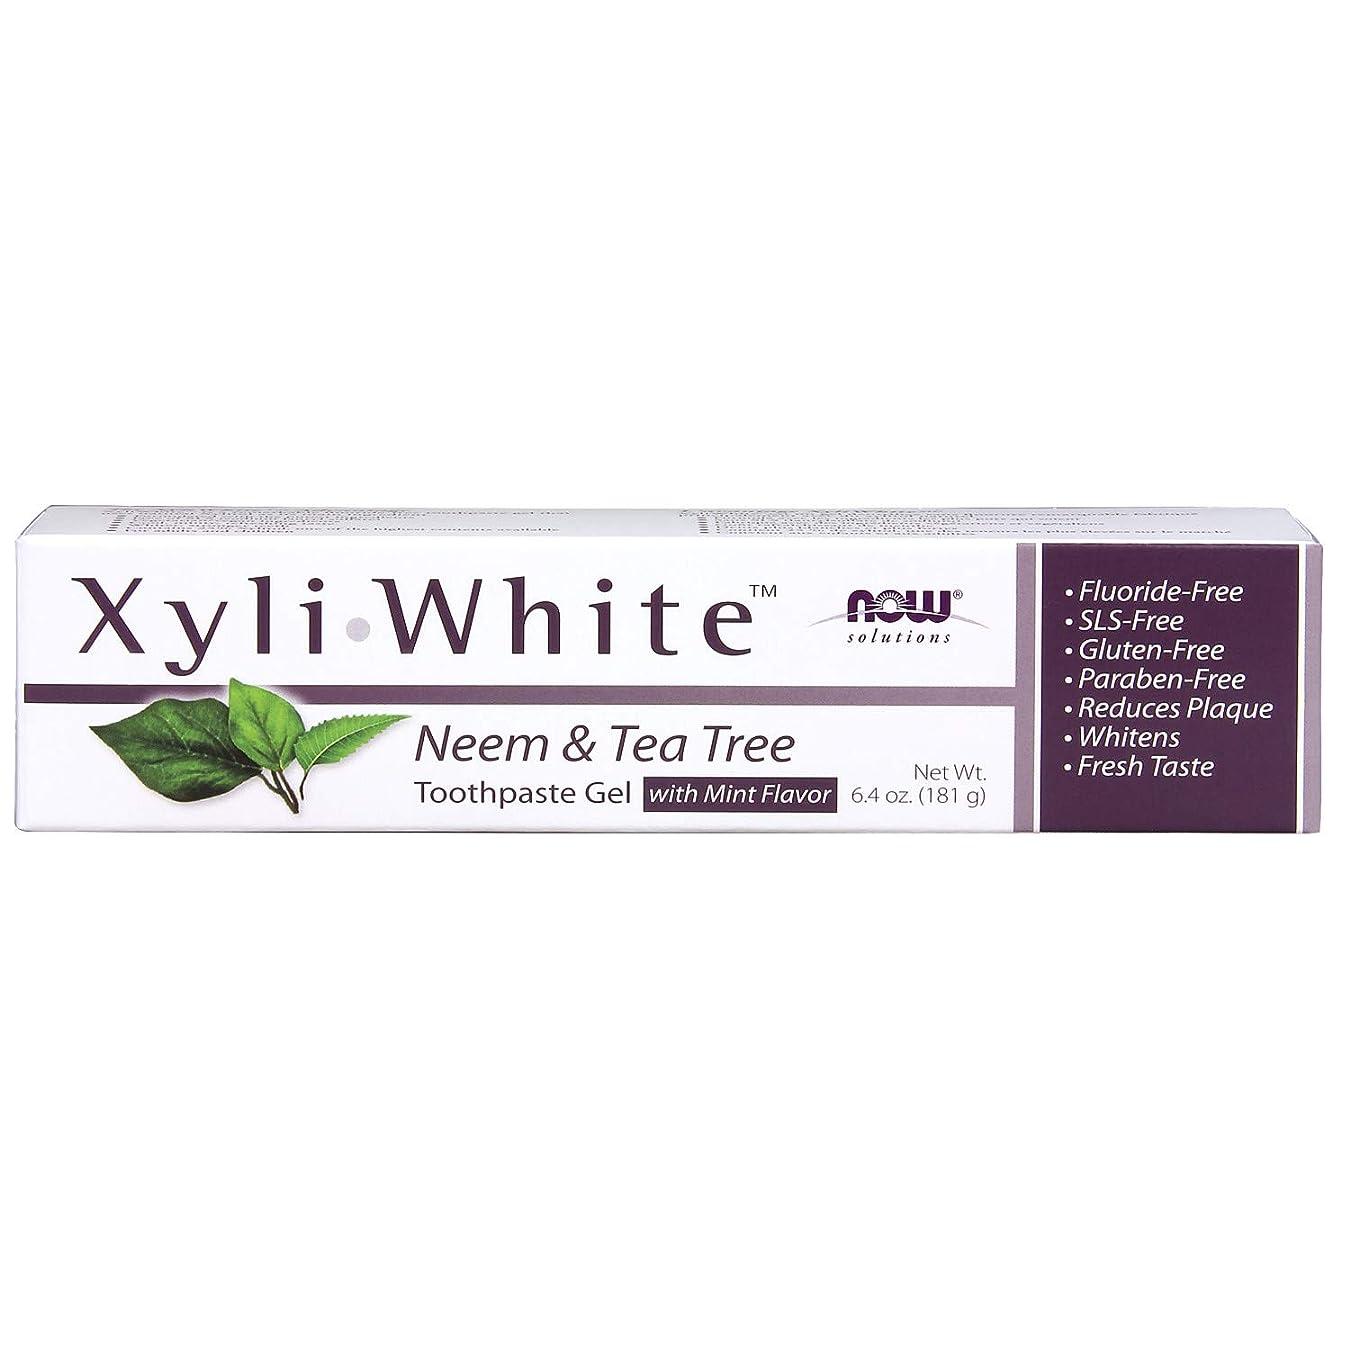 プラスチック移民バルーンキシリトール 歯磨きジェル  ニーム&ティーツリーミントフレーバー 6.4 oz (181 g)